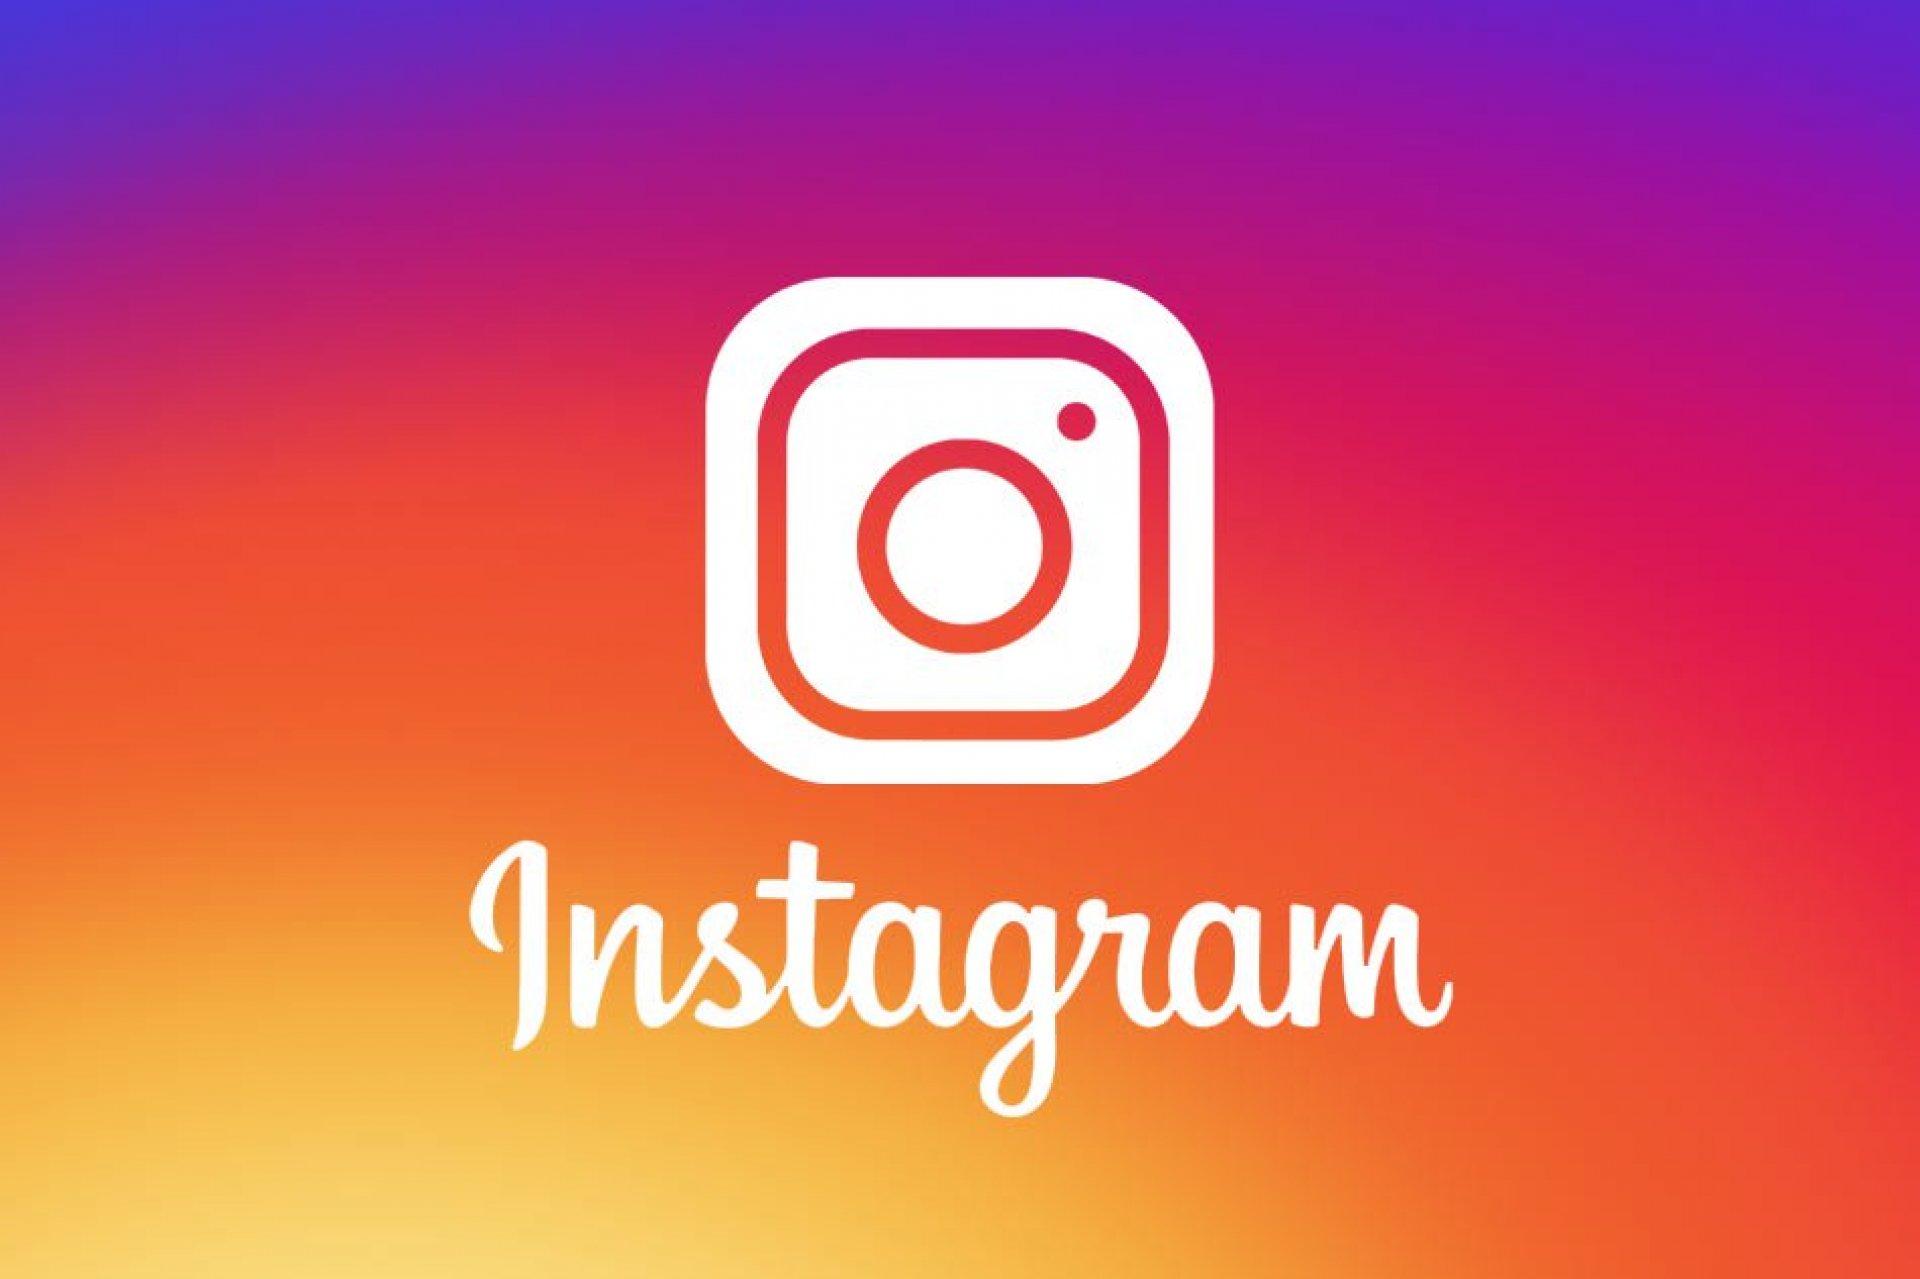 Instagram фейк контентті анықтайтын функция енгізбек